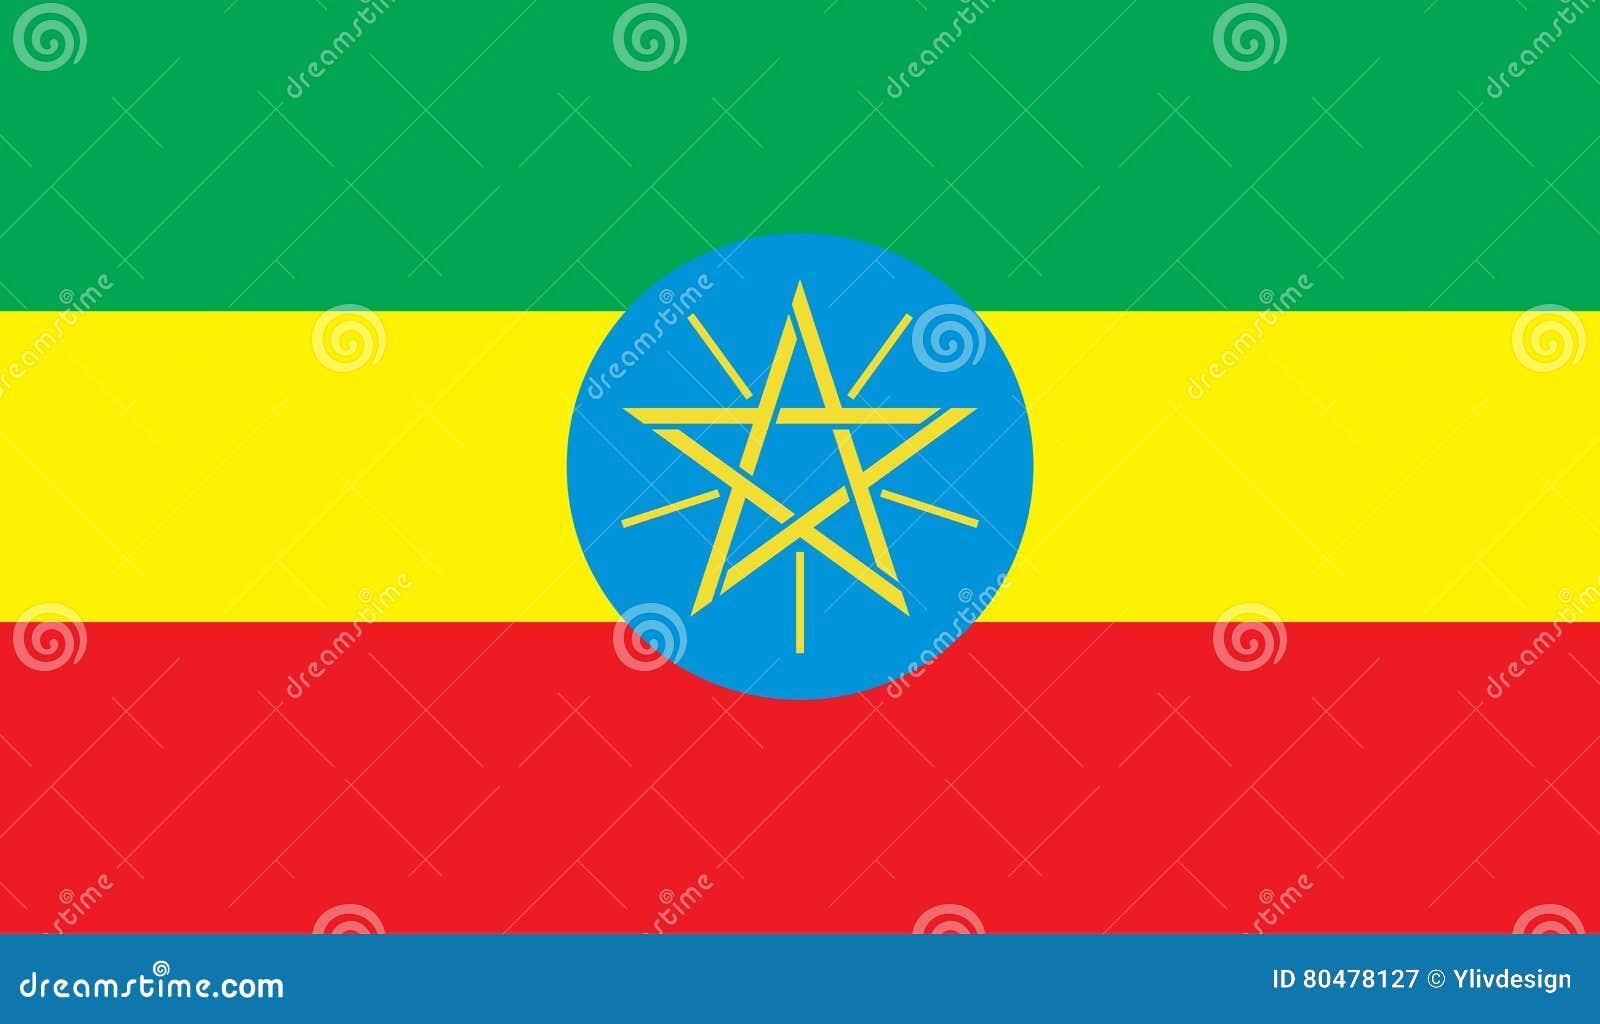 埃塞俄比亚旗子图象